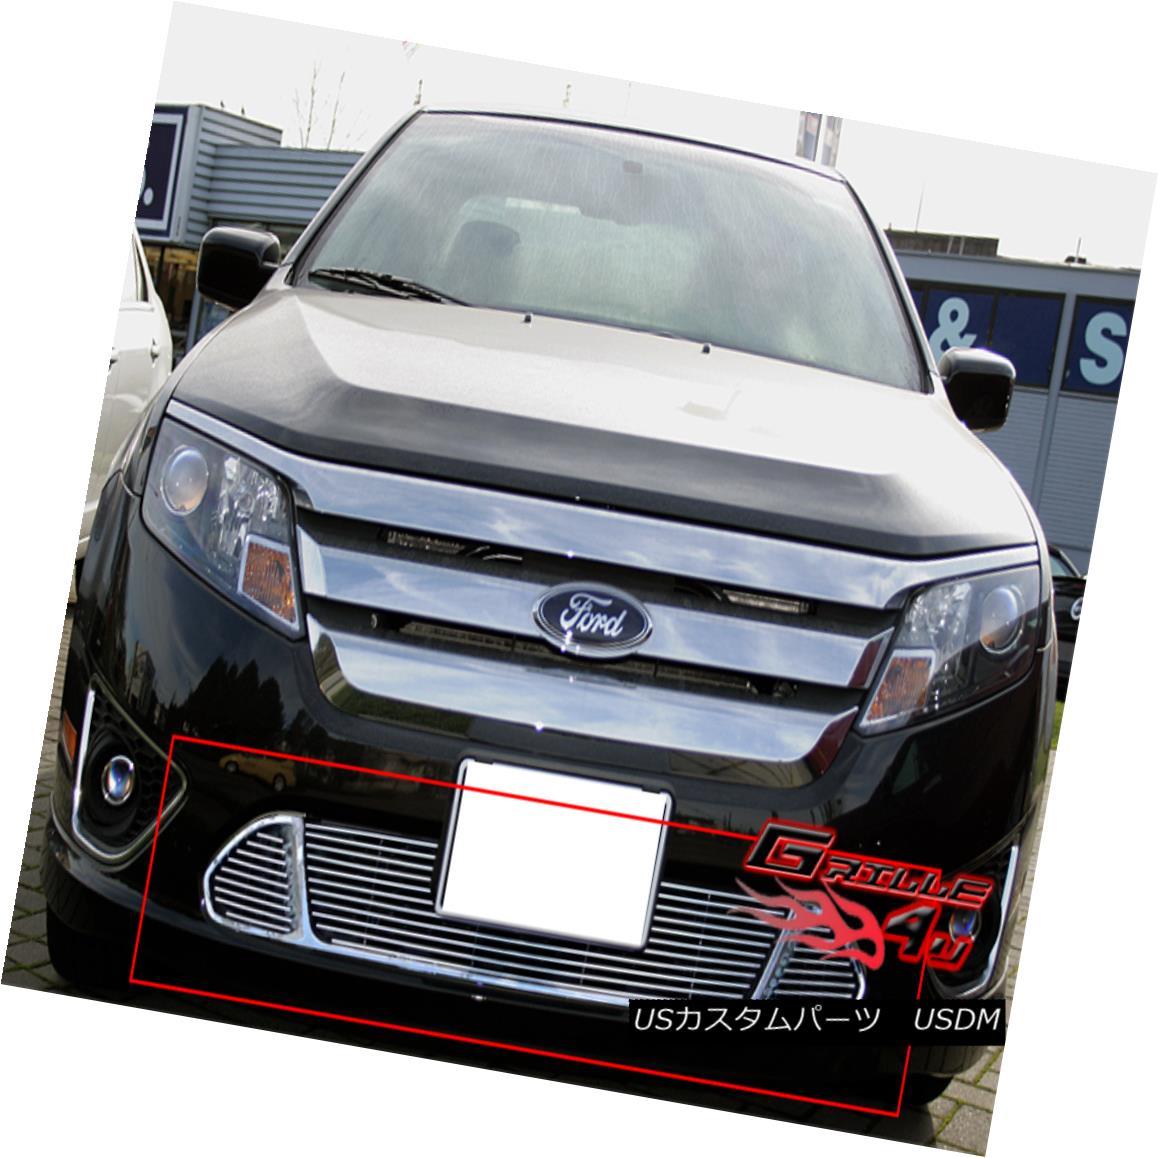 グリル Fits 2010-2012 Ford Fusion Sport Bumper Billet Grille フィット2010-2012フォードフュージョンスポーツバンパービレットグリル